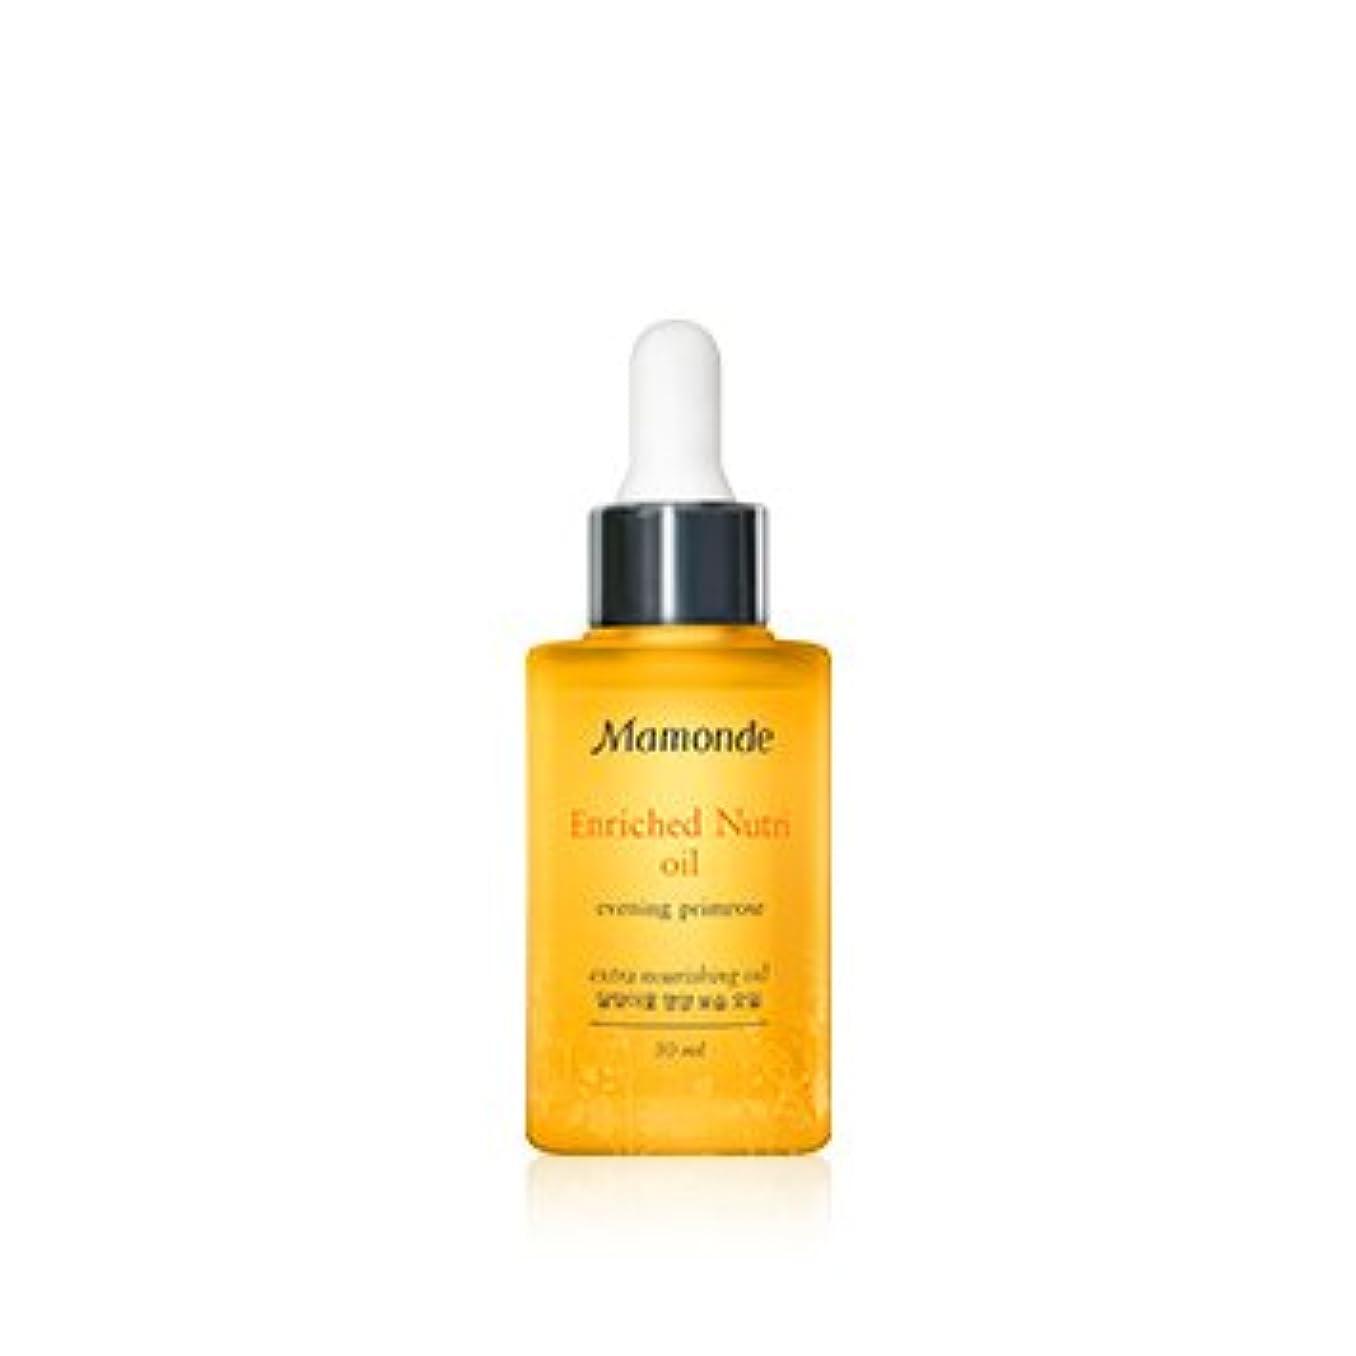 交響曲細心のロードブロッキング[New] Mamonde Enriched Nutri Oil 30ml/マモンド エンリッチド ニュートリ オイル 30ml [並行輸入品]